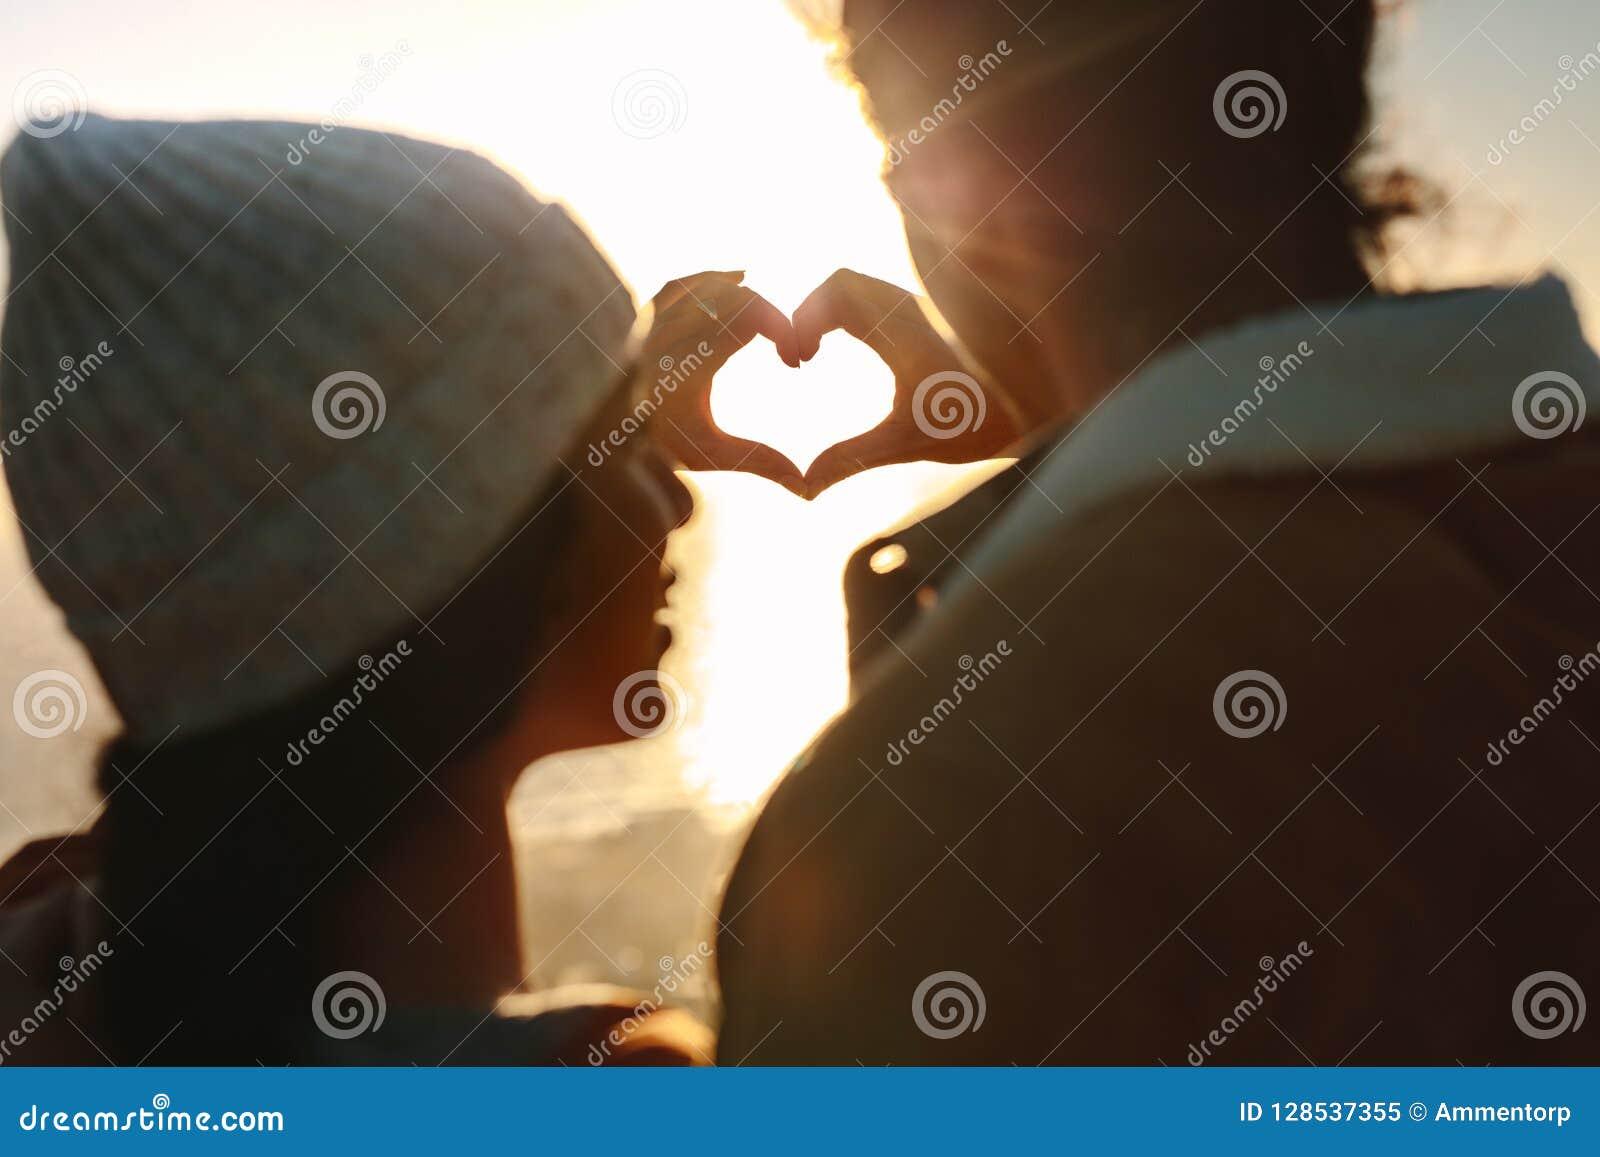 Coppie romantiche che fanno cuore con le mani